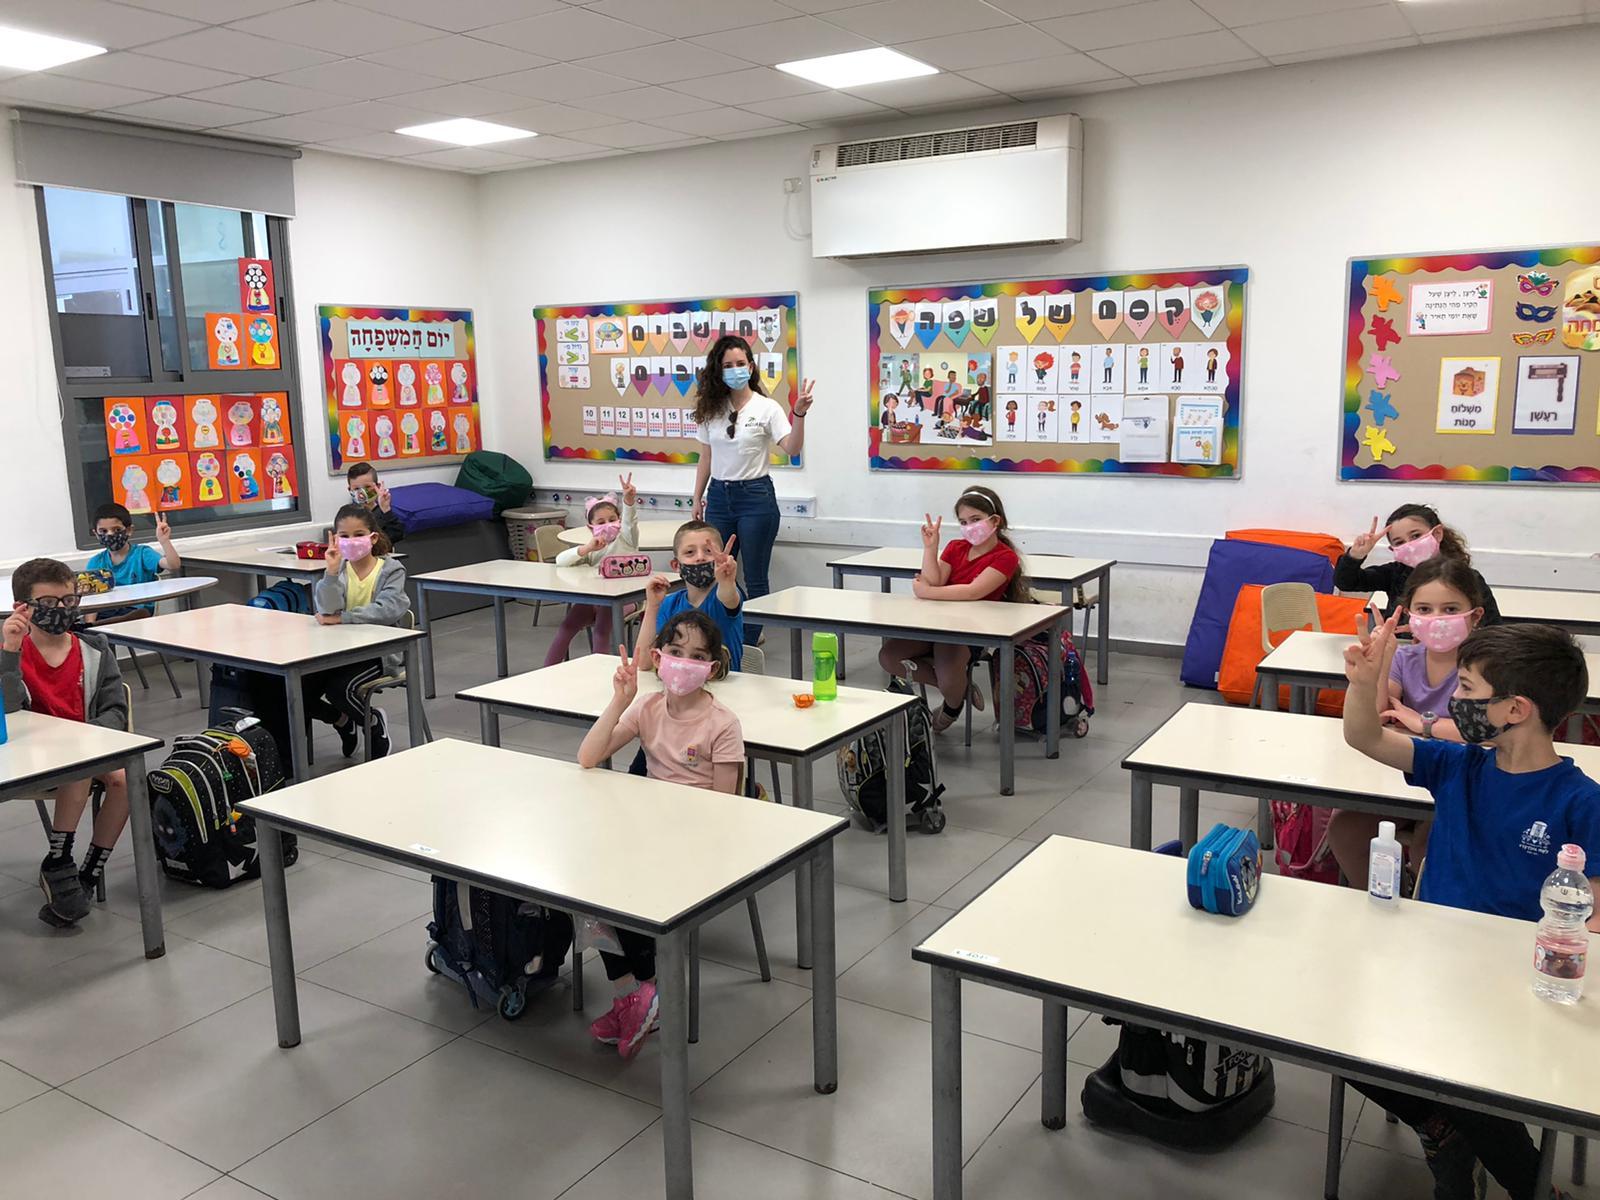 כ-60 אחוזים בממוצע מתלמידי כיתות א-'ג' בכפר סבא חזרו ללימודים